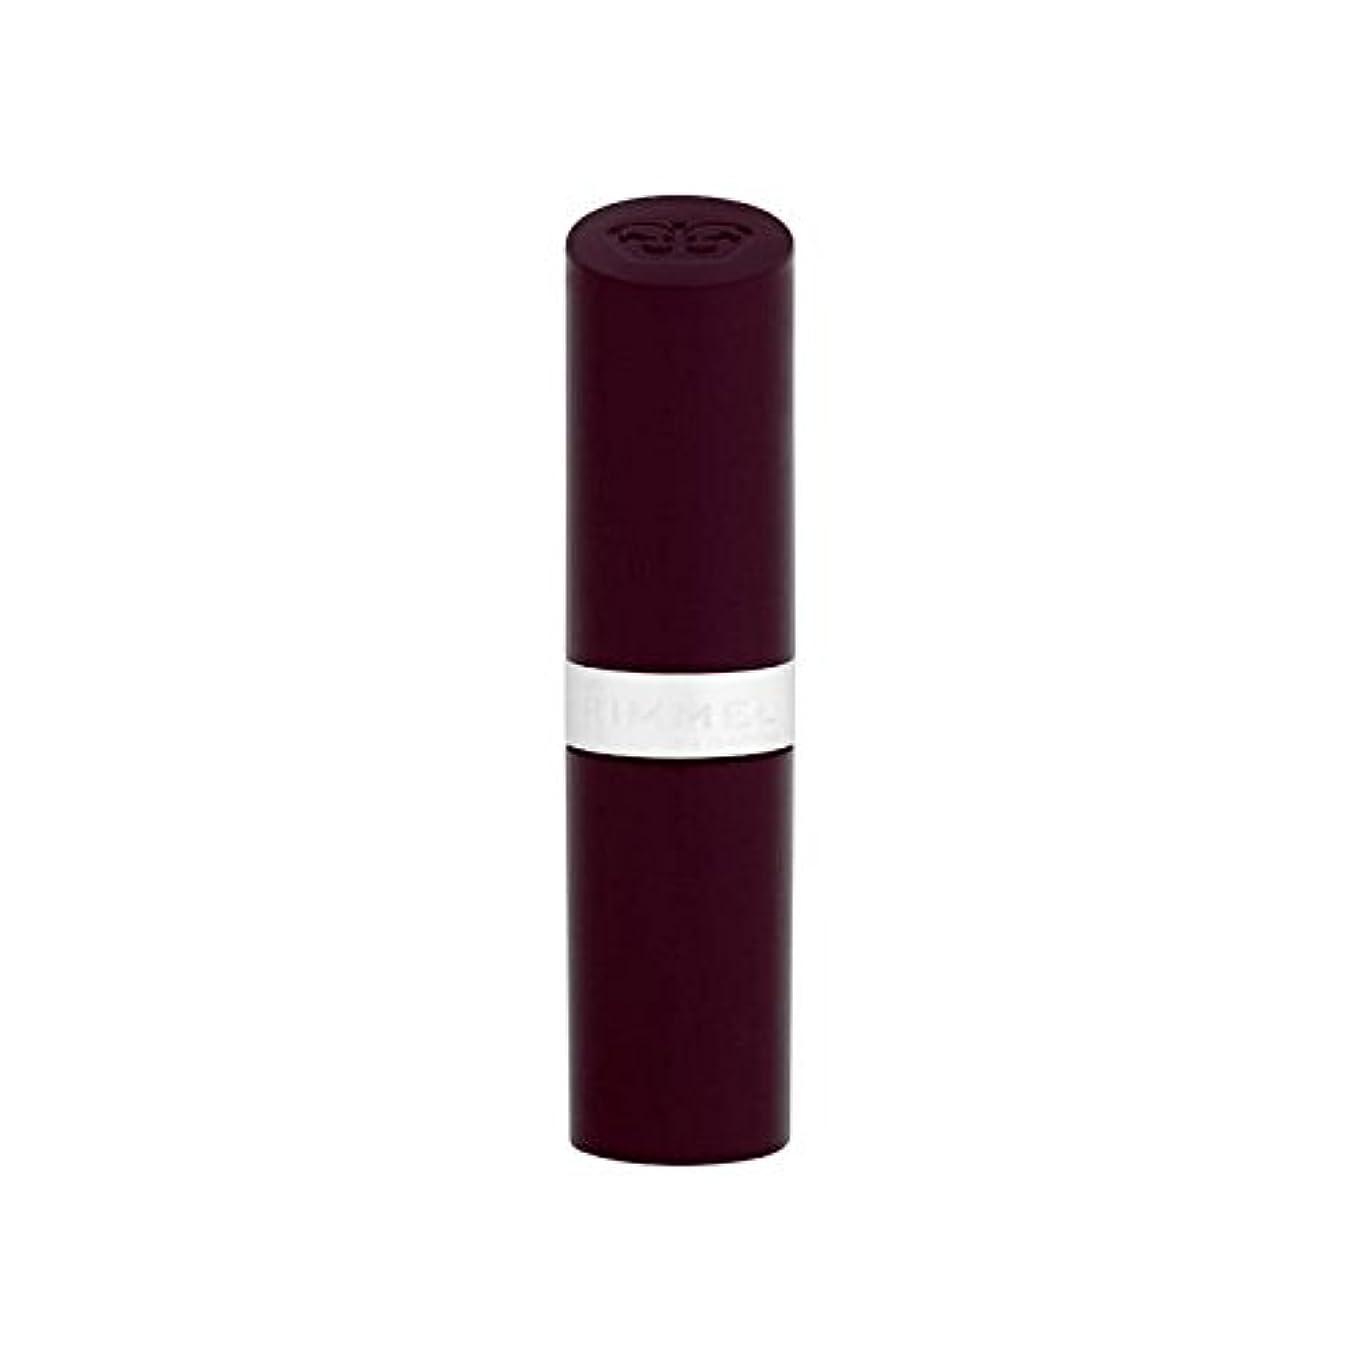 石ロデオ考えリンメル持続的な仕上げの口紅アメジストきらめき84 x2 - Rimmel Lasting Finish Lipstick Amethyst Shimmer 84 (Pack of 2) [並行輸入品]